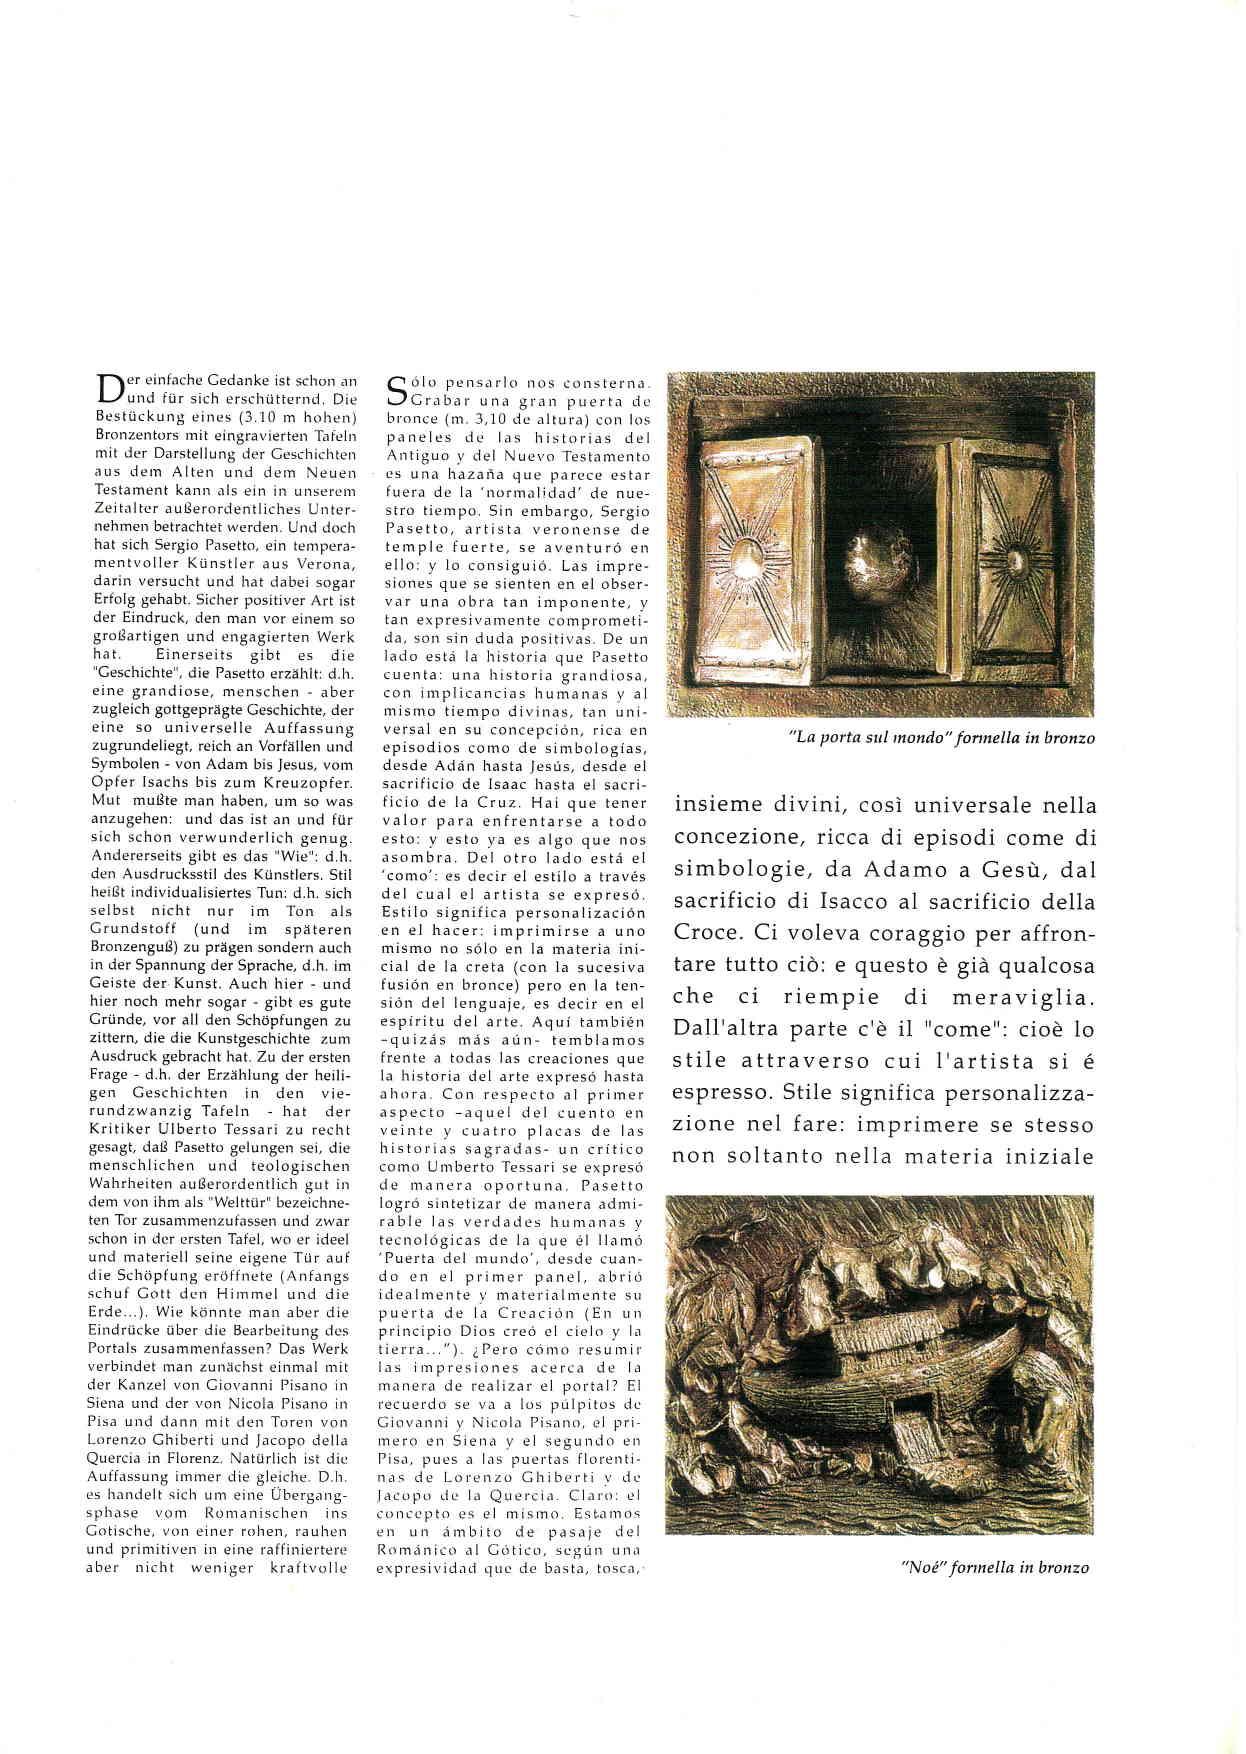 rivista_la_porta_sul_mondo 2